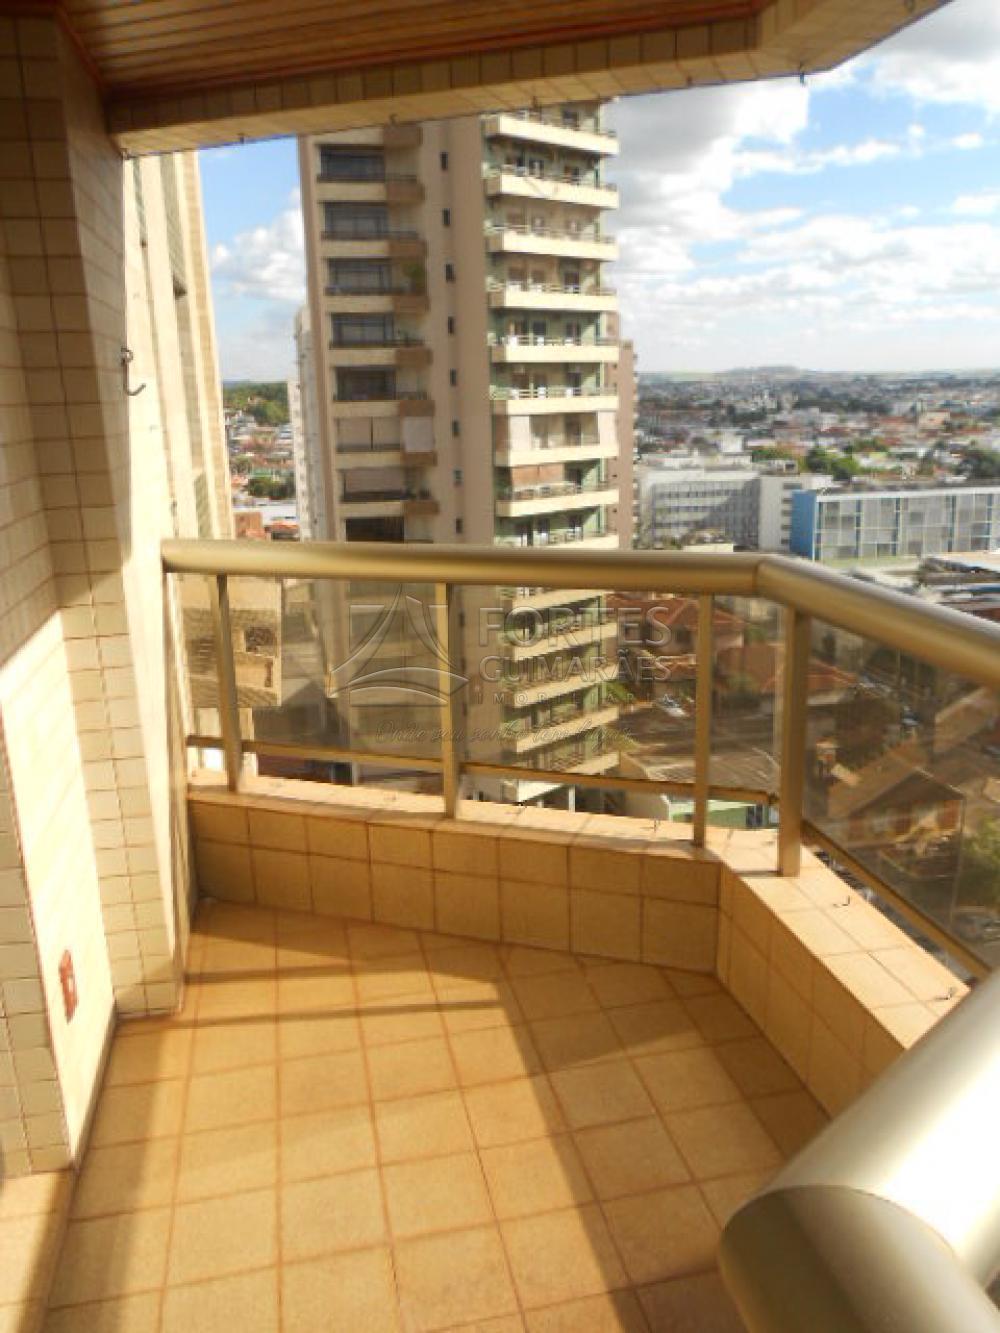 Alugar Apartamentos / Padrão em Ribeirão Preto apenas R$ 1.000,00 - Foto 9